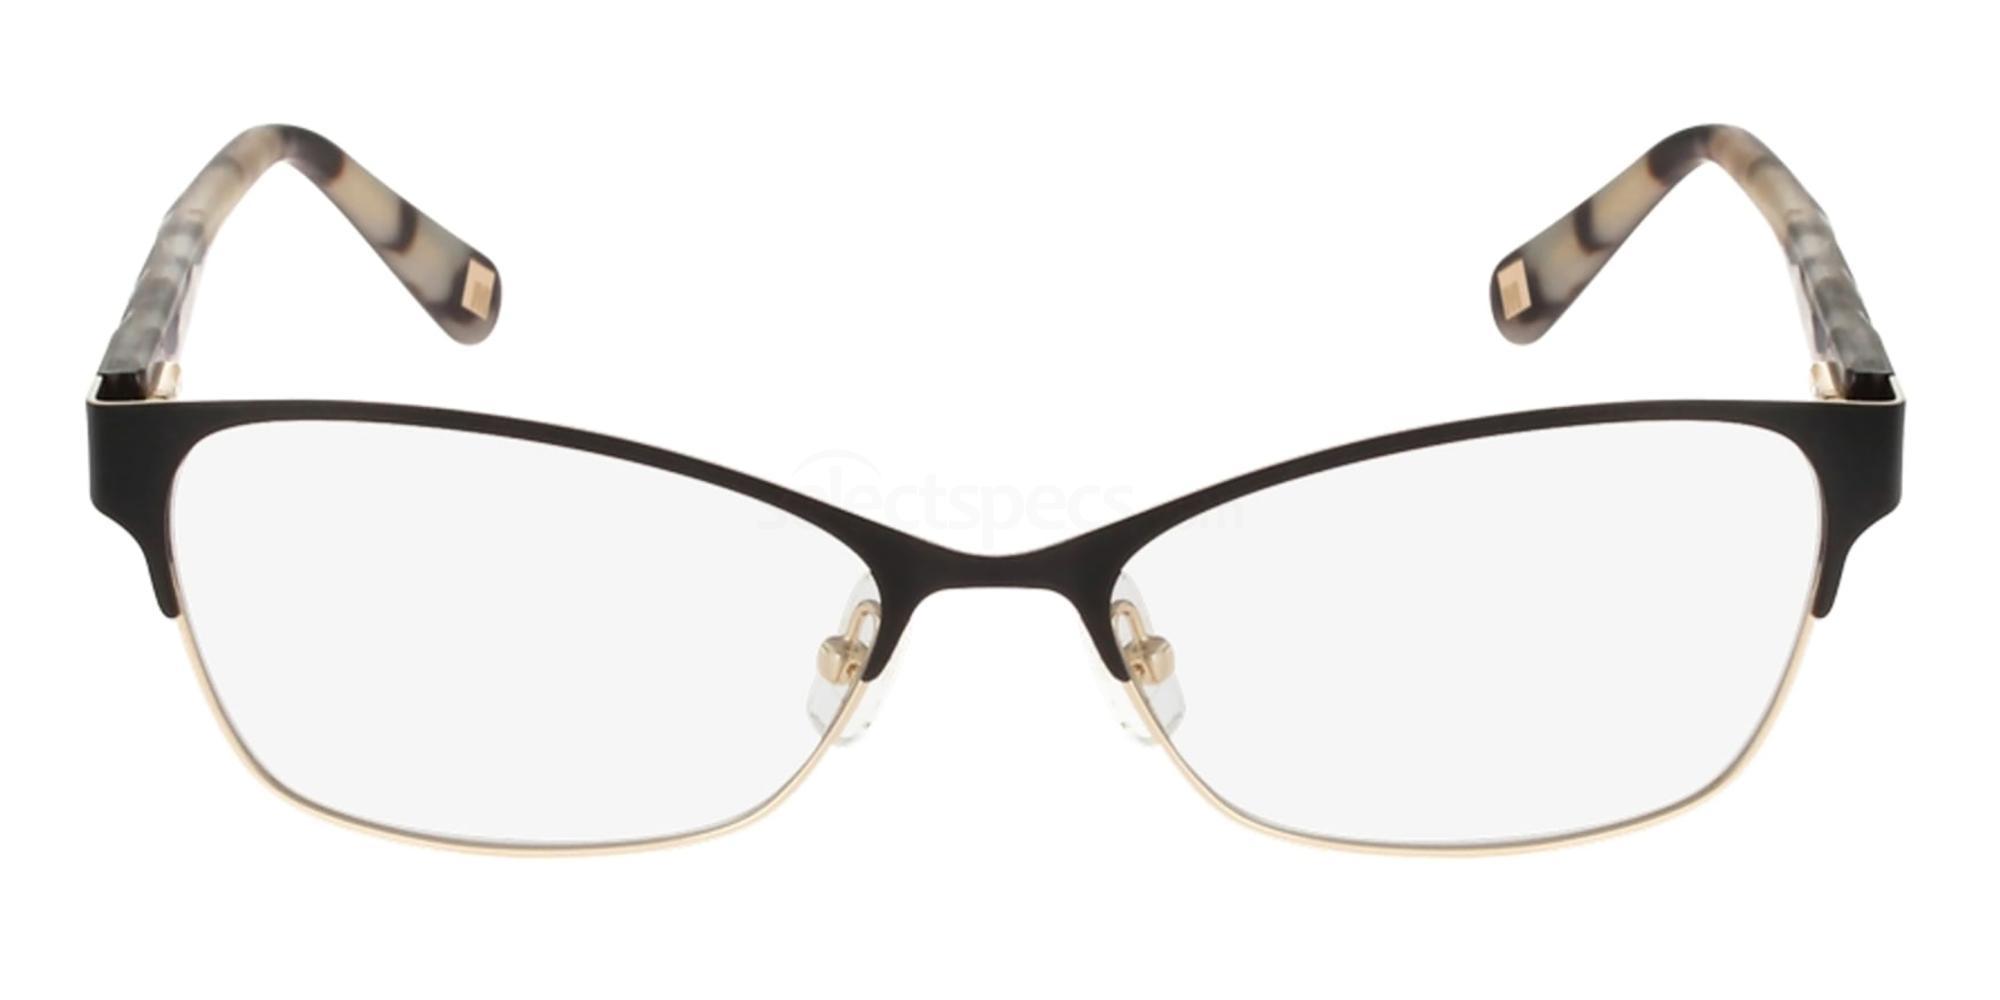 001 M-SURREY Glasses, Marchon